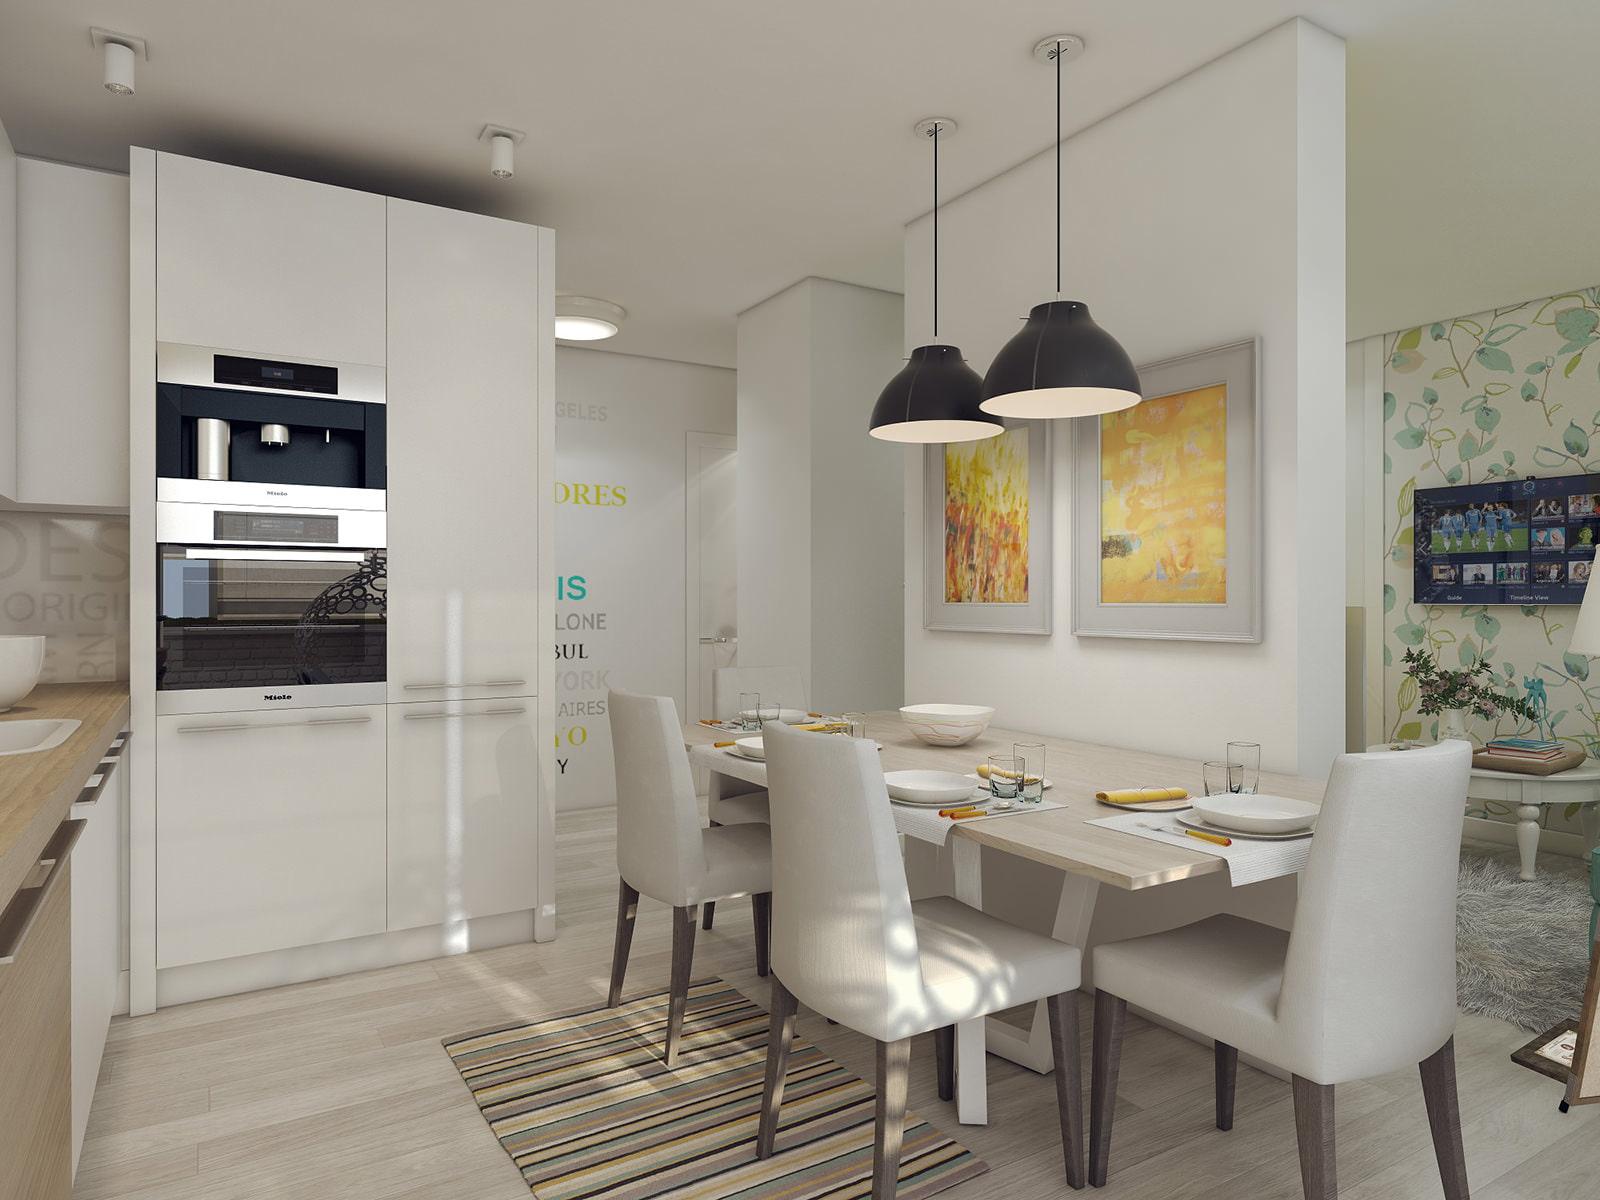 Дизайн трехкомнатной квартиры 80 квм 5 фотопроектов для